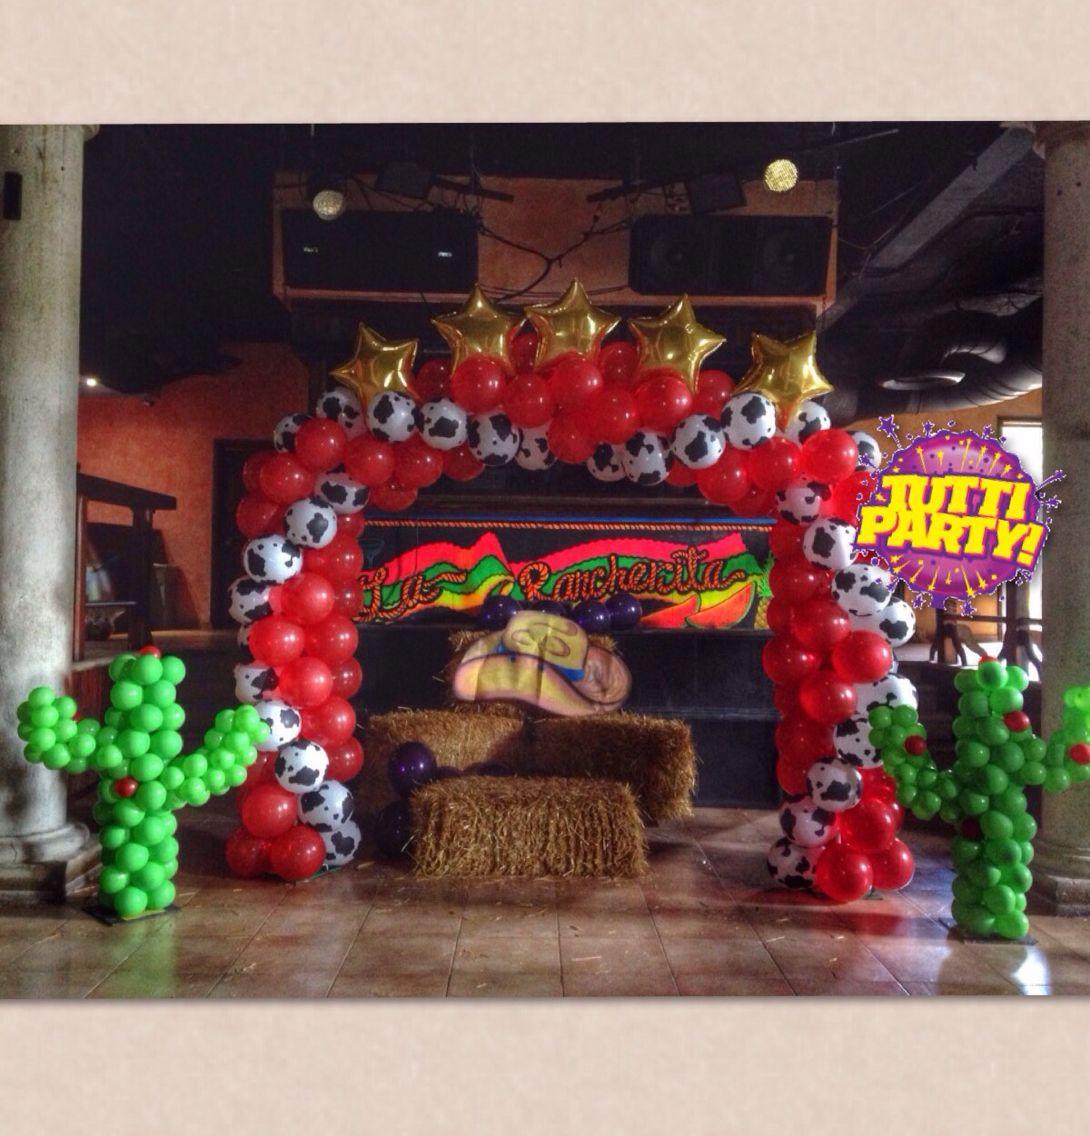 Impresionante con estilo country infantil Luce bien para siempre - Cowboy Party! Old west Party, Fiesta vaquera, fiesta ...